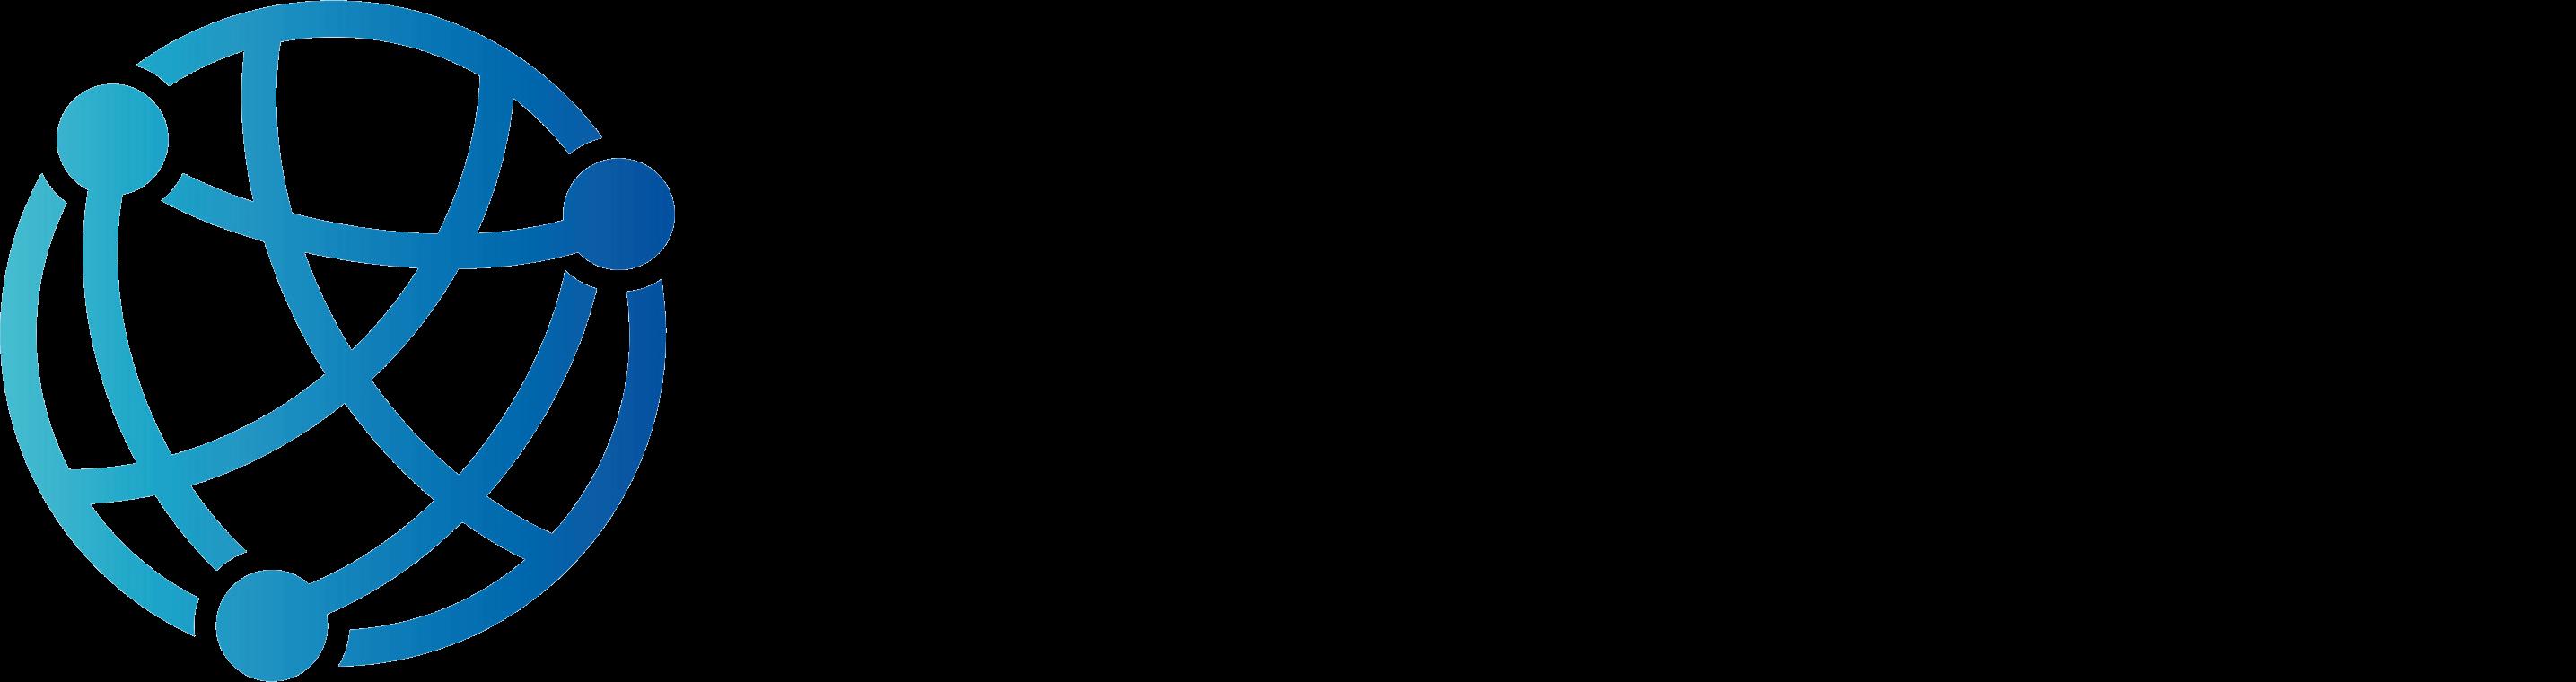 COSMOS-SAT